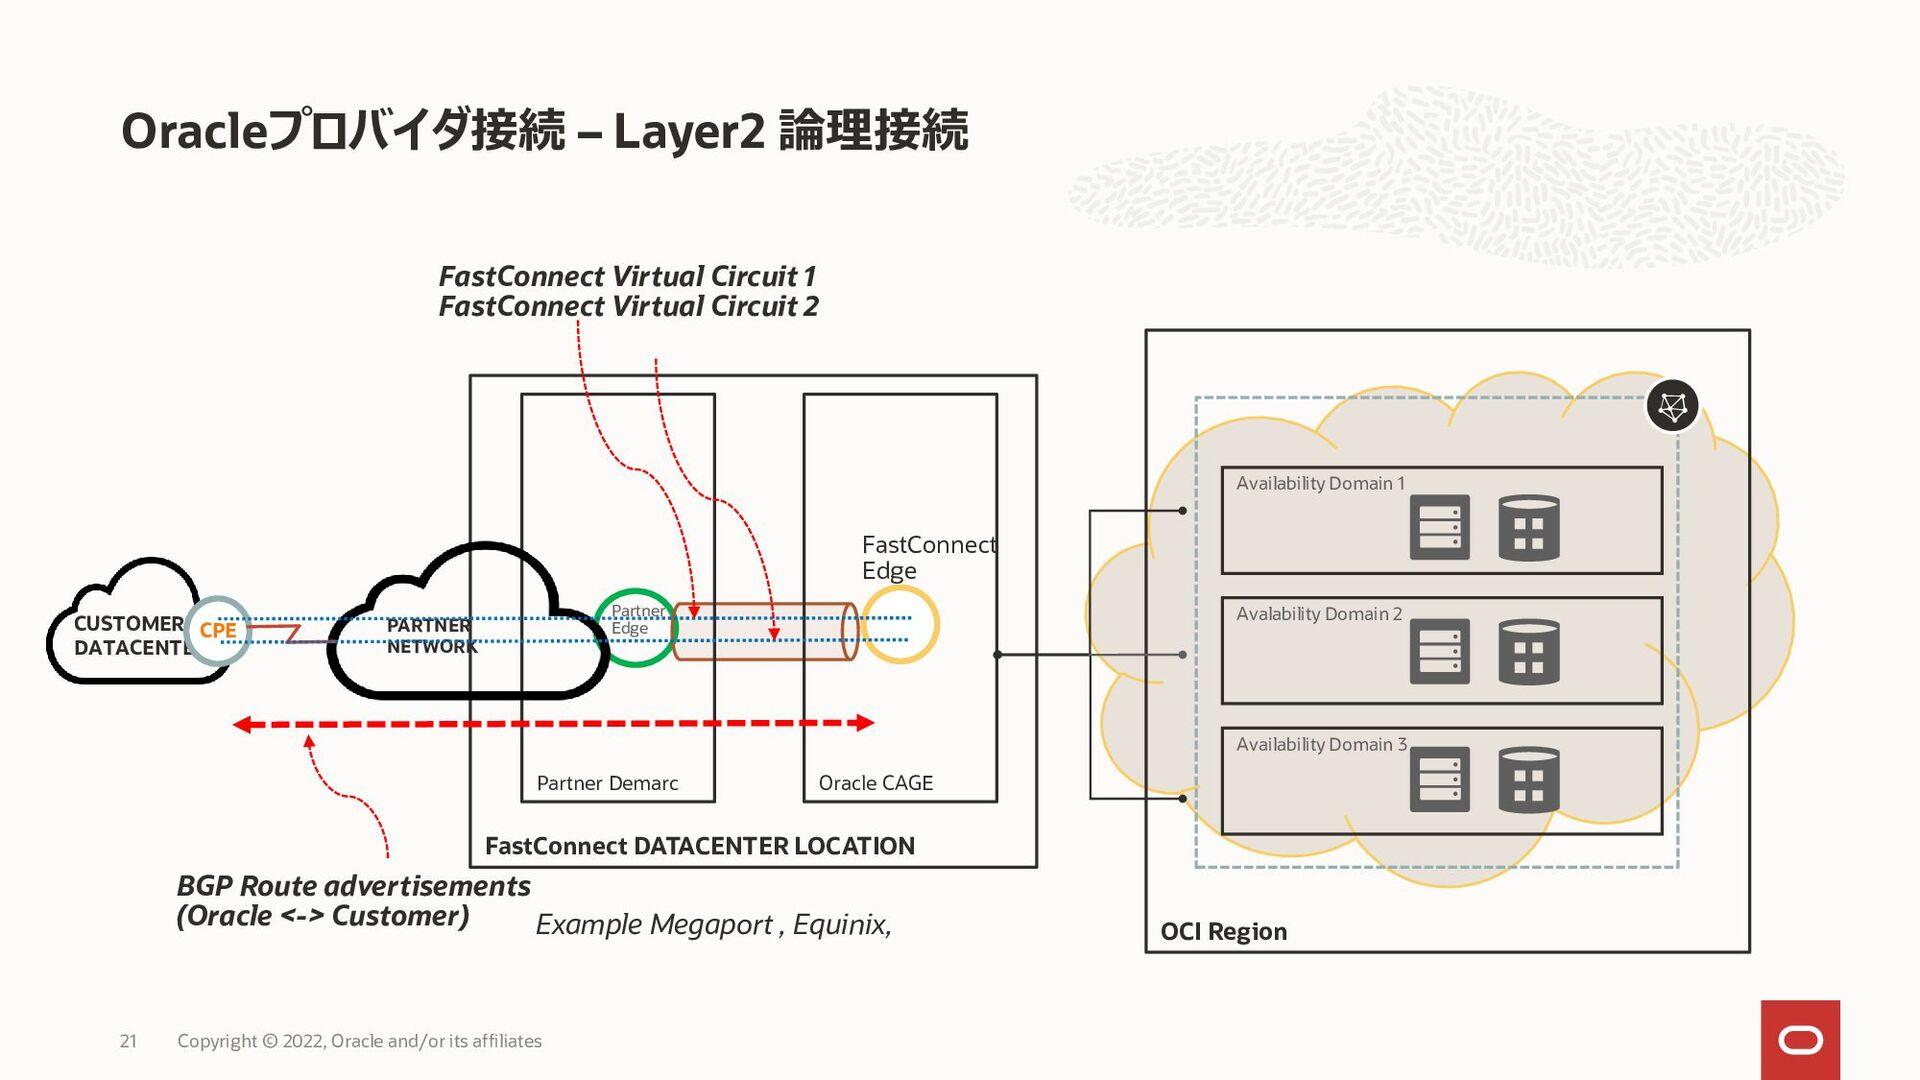 サードパーティ・プロバイダ – 物理接続 21 FastConnect DATACENTER ...